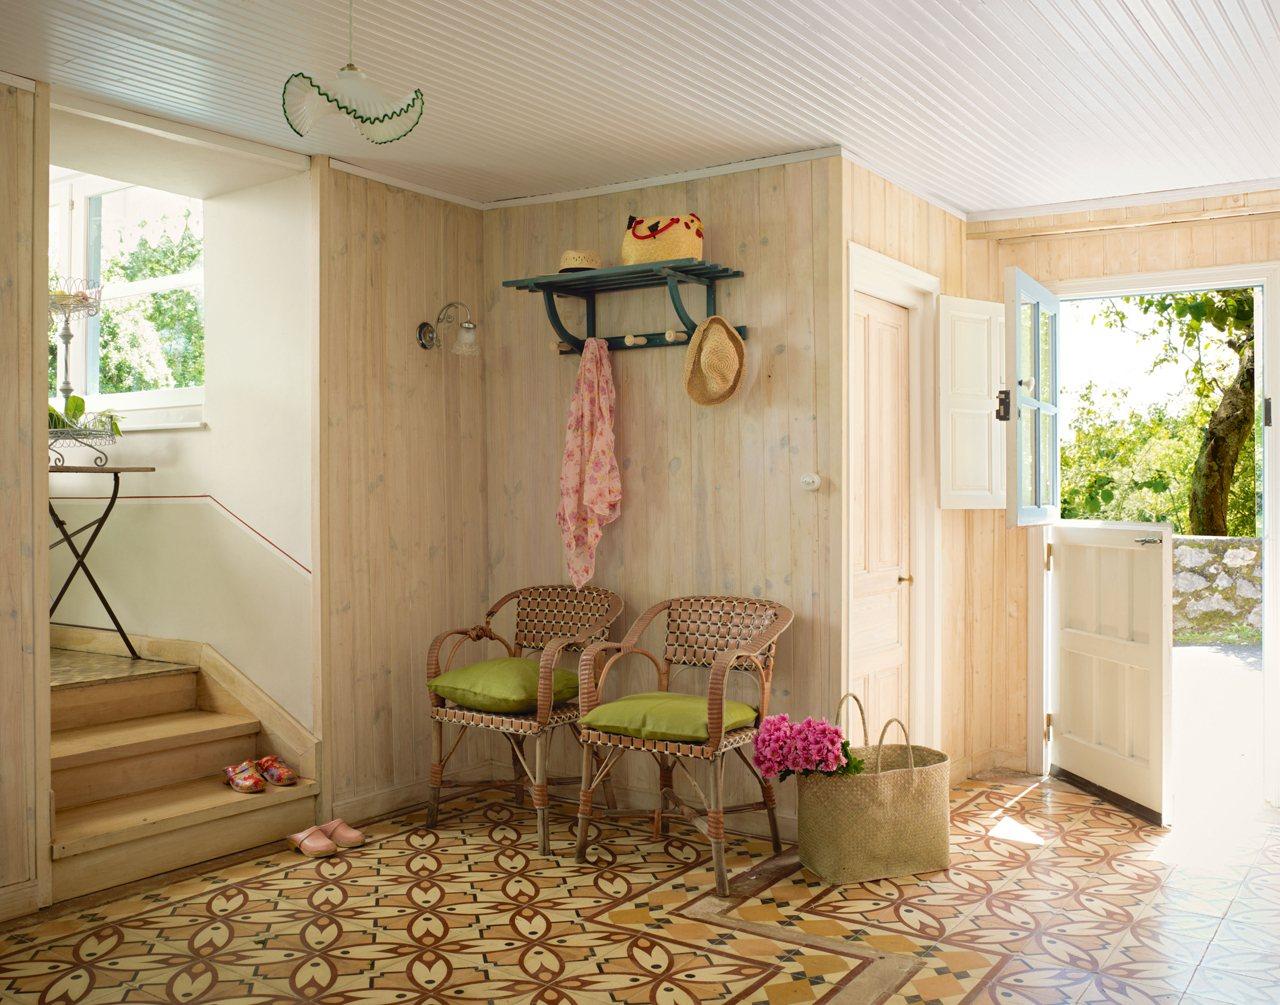 Decoracion Recibidores Grandes ~ Ideas para decorar recibidores grandes (11 11)